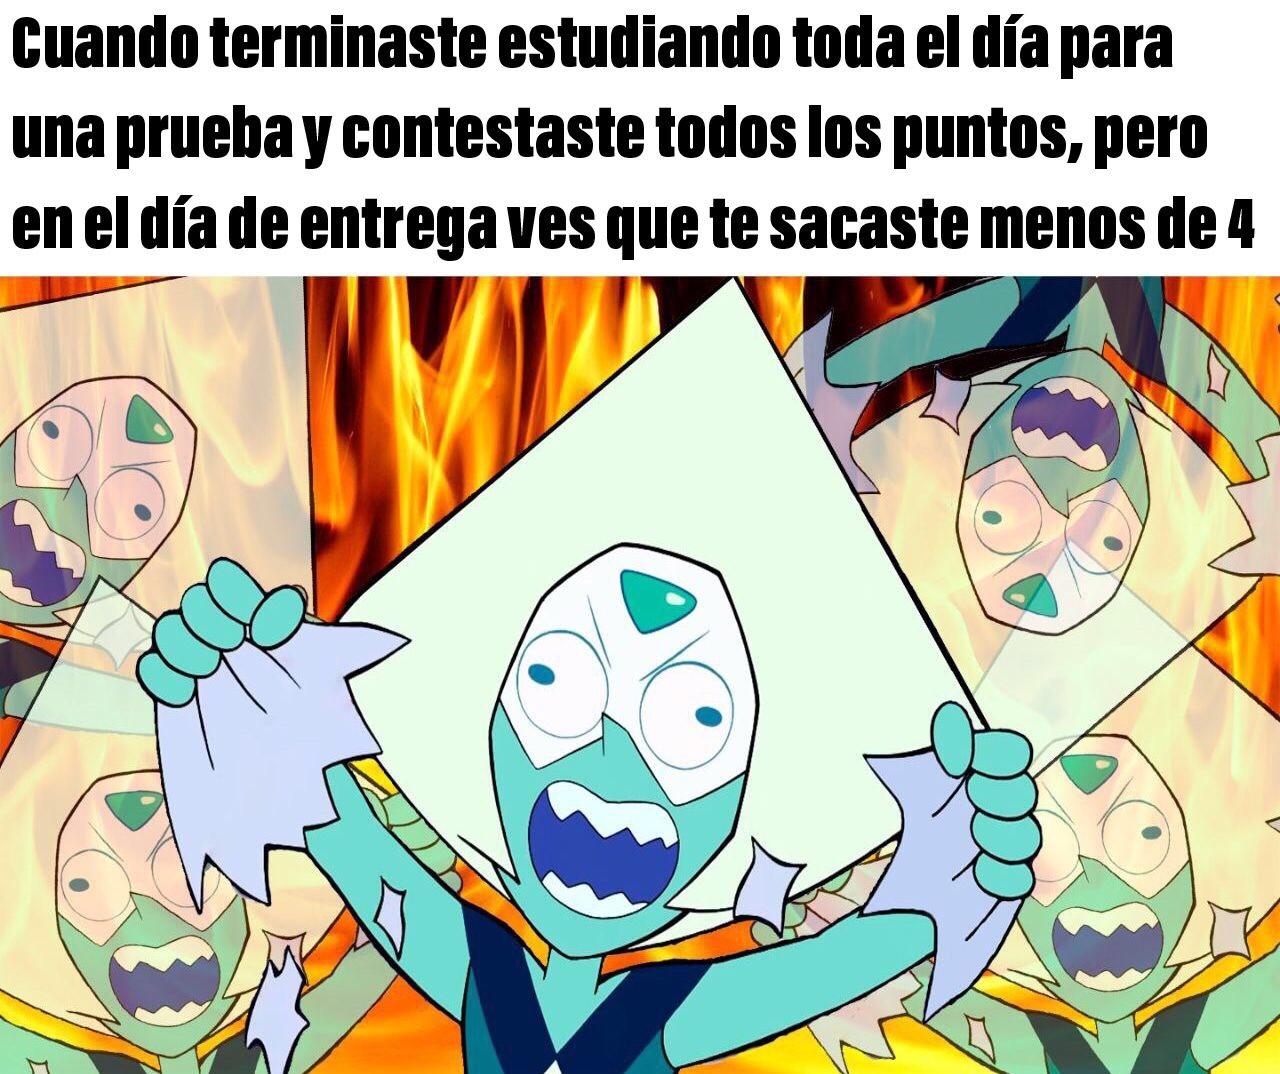 Ese sufrimiento - meme